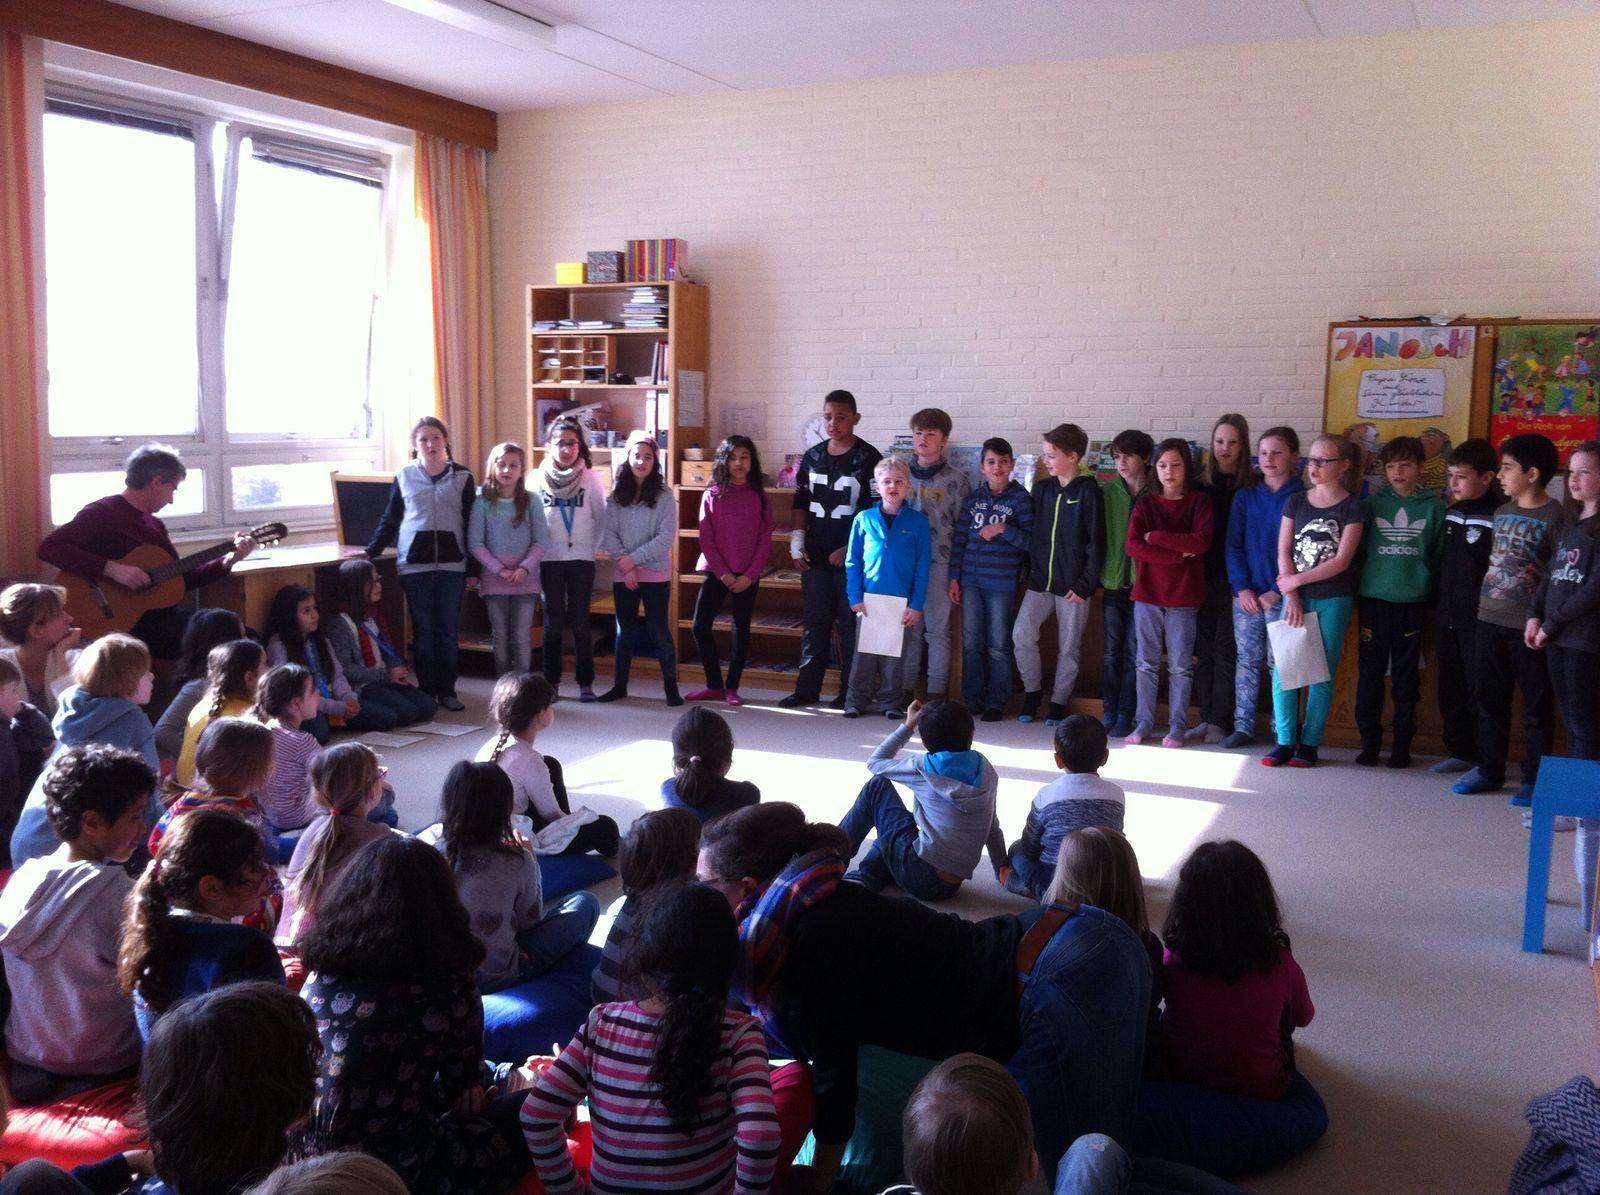 """Klasse 4b präsentiert eigene literaische Texte zum Lied """"Astronaut"""""""